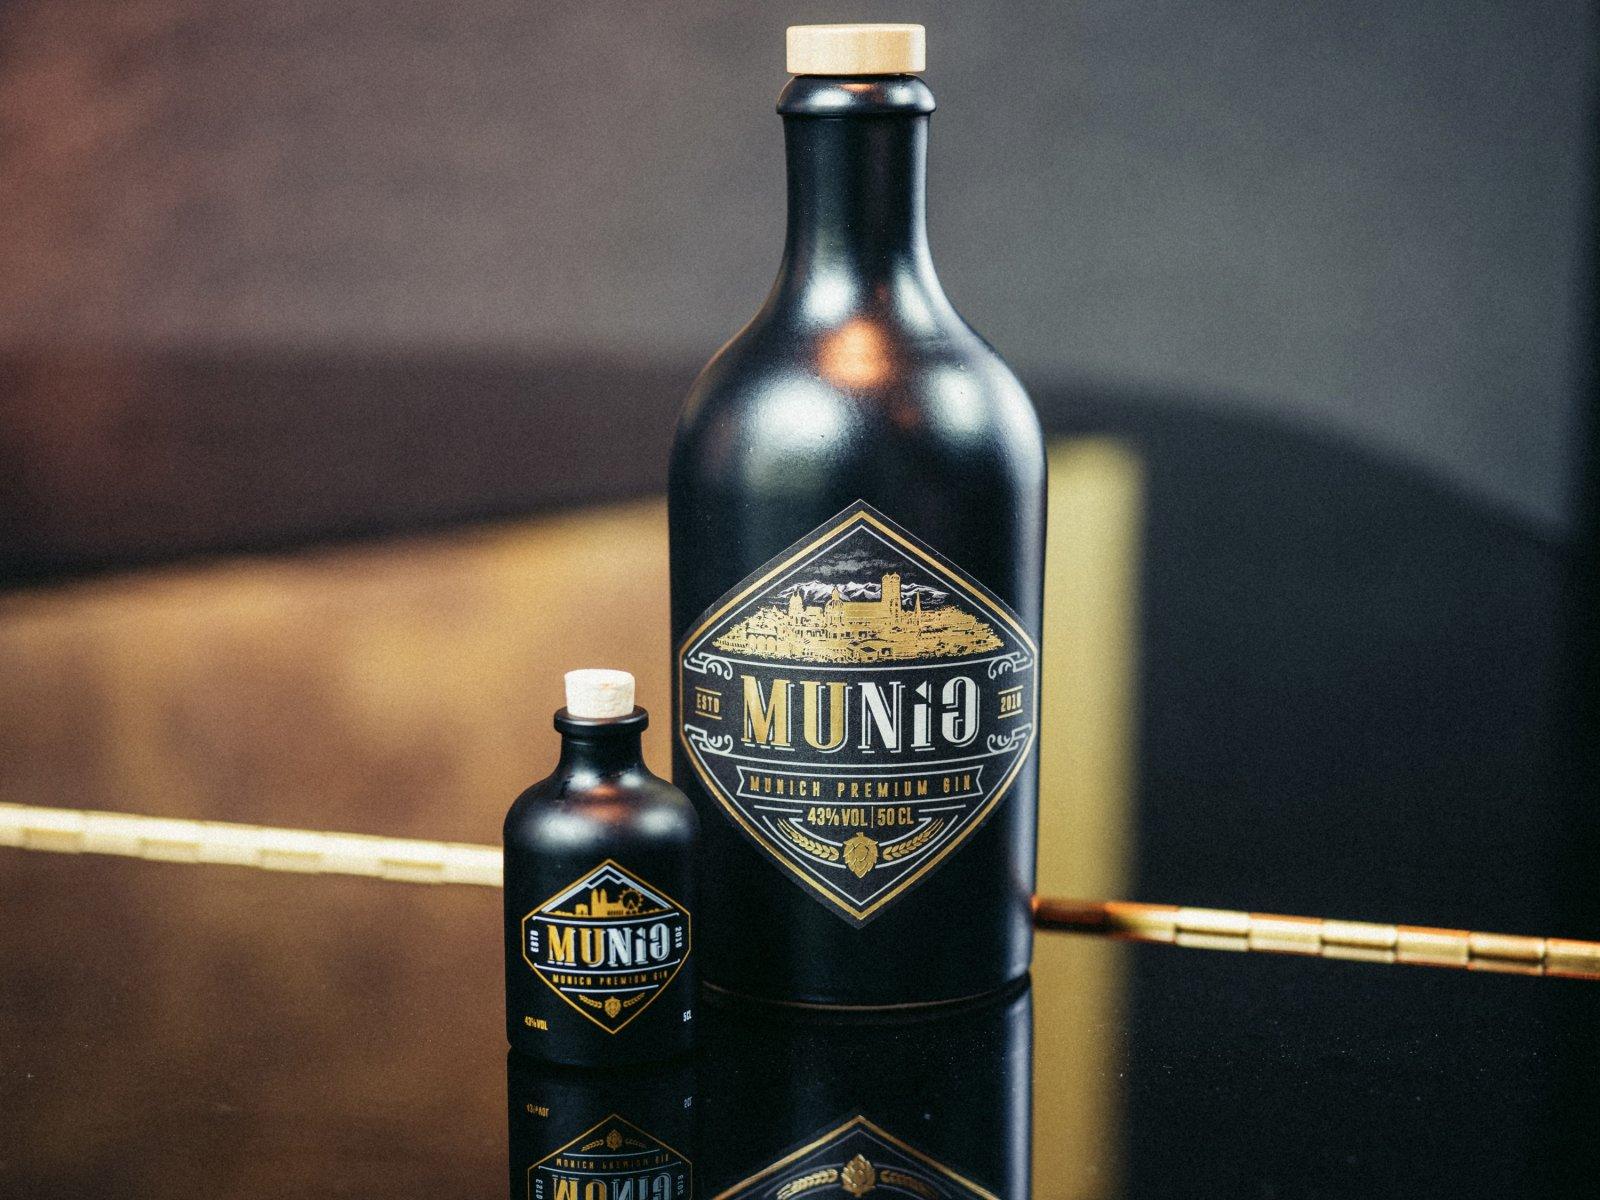 Geheimtipp Muenchen Munig Gin9 – ©wunderland media GmbH